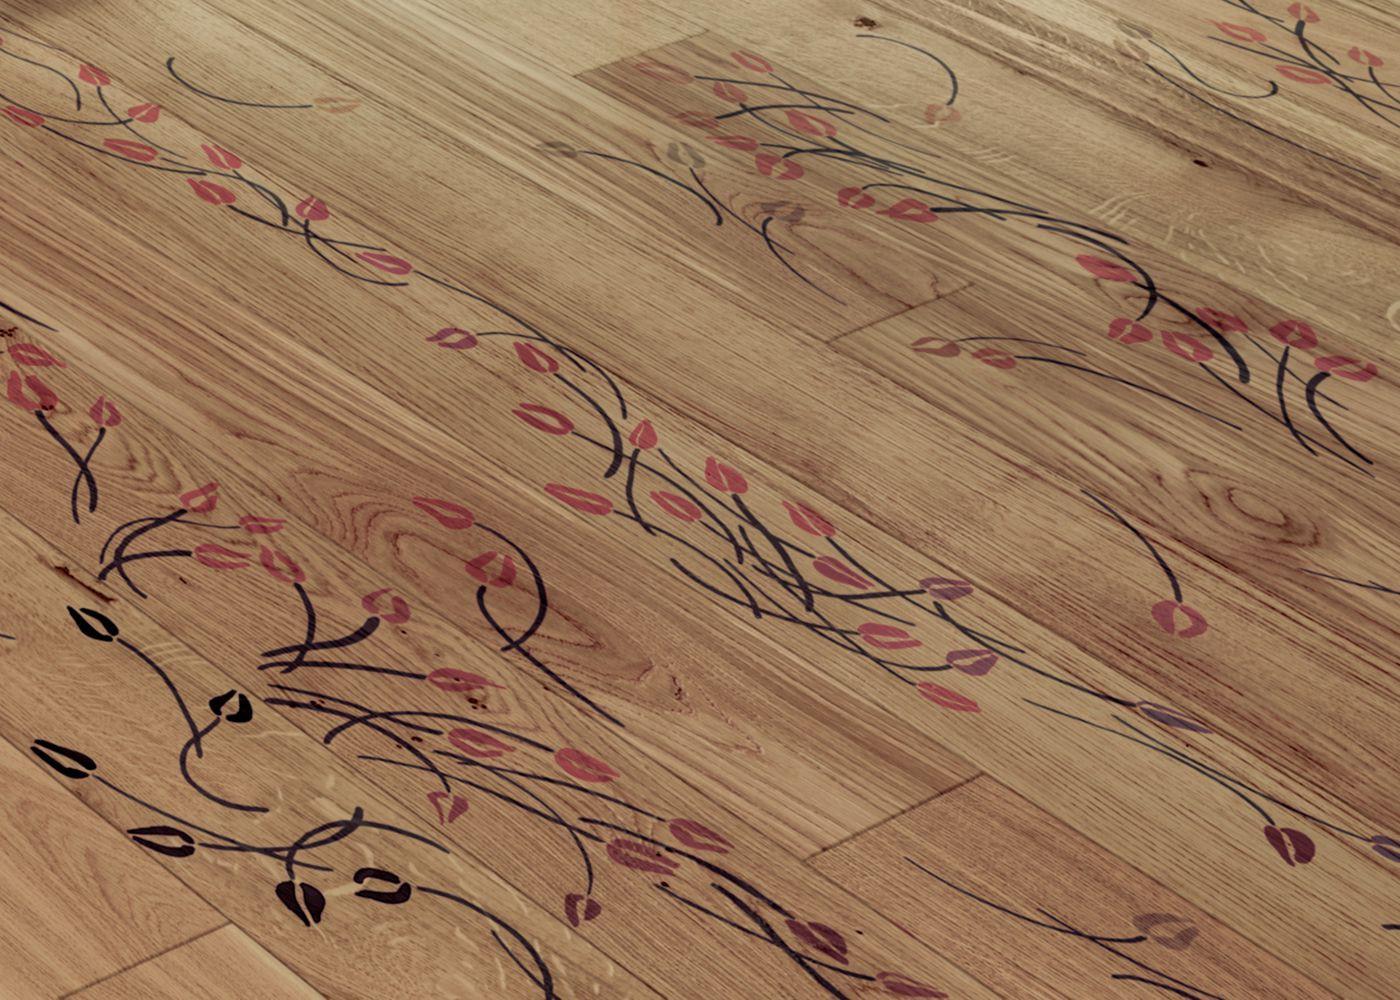 Parquet Contrecollé Monolame Chêne G4 PR Bis Contemporain Vernis Brossé Mat Teinte Naturelle (b5)- Design Tulipae Minor 1 - (van Der Hilst )- Pefc - Fsc